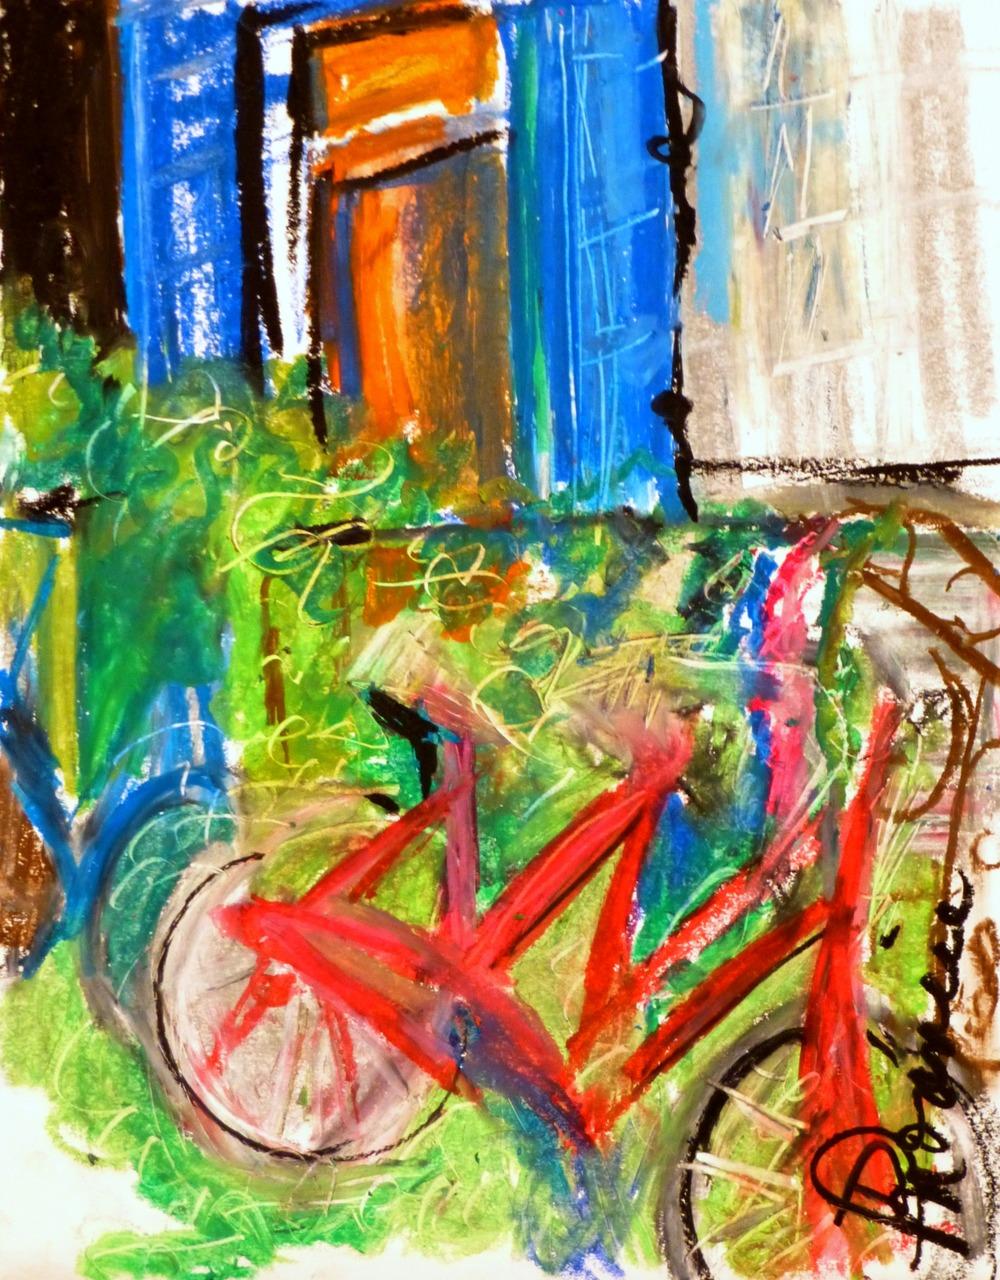 nwm Sketch - Bywater Bicycle.jpg